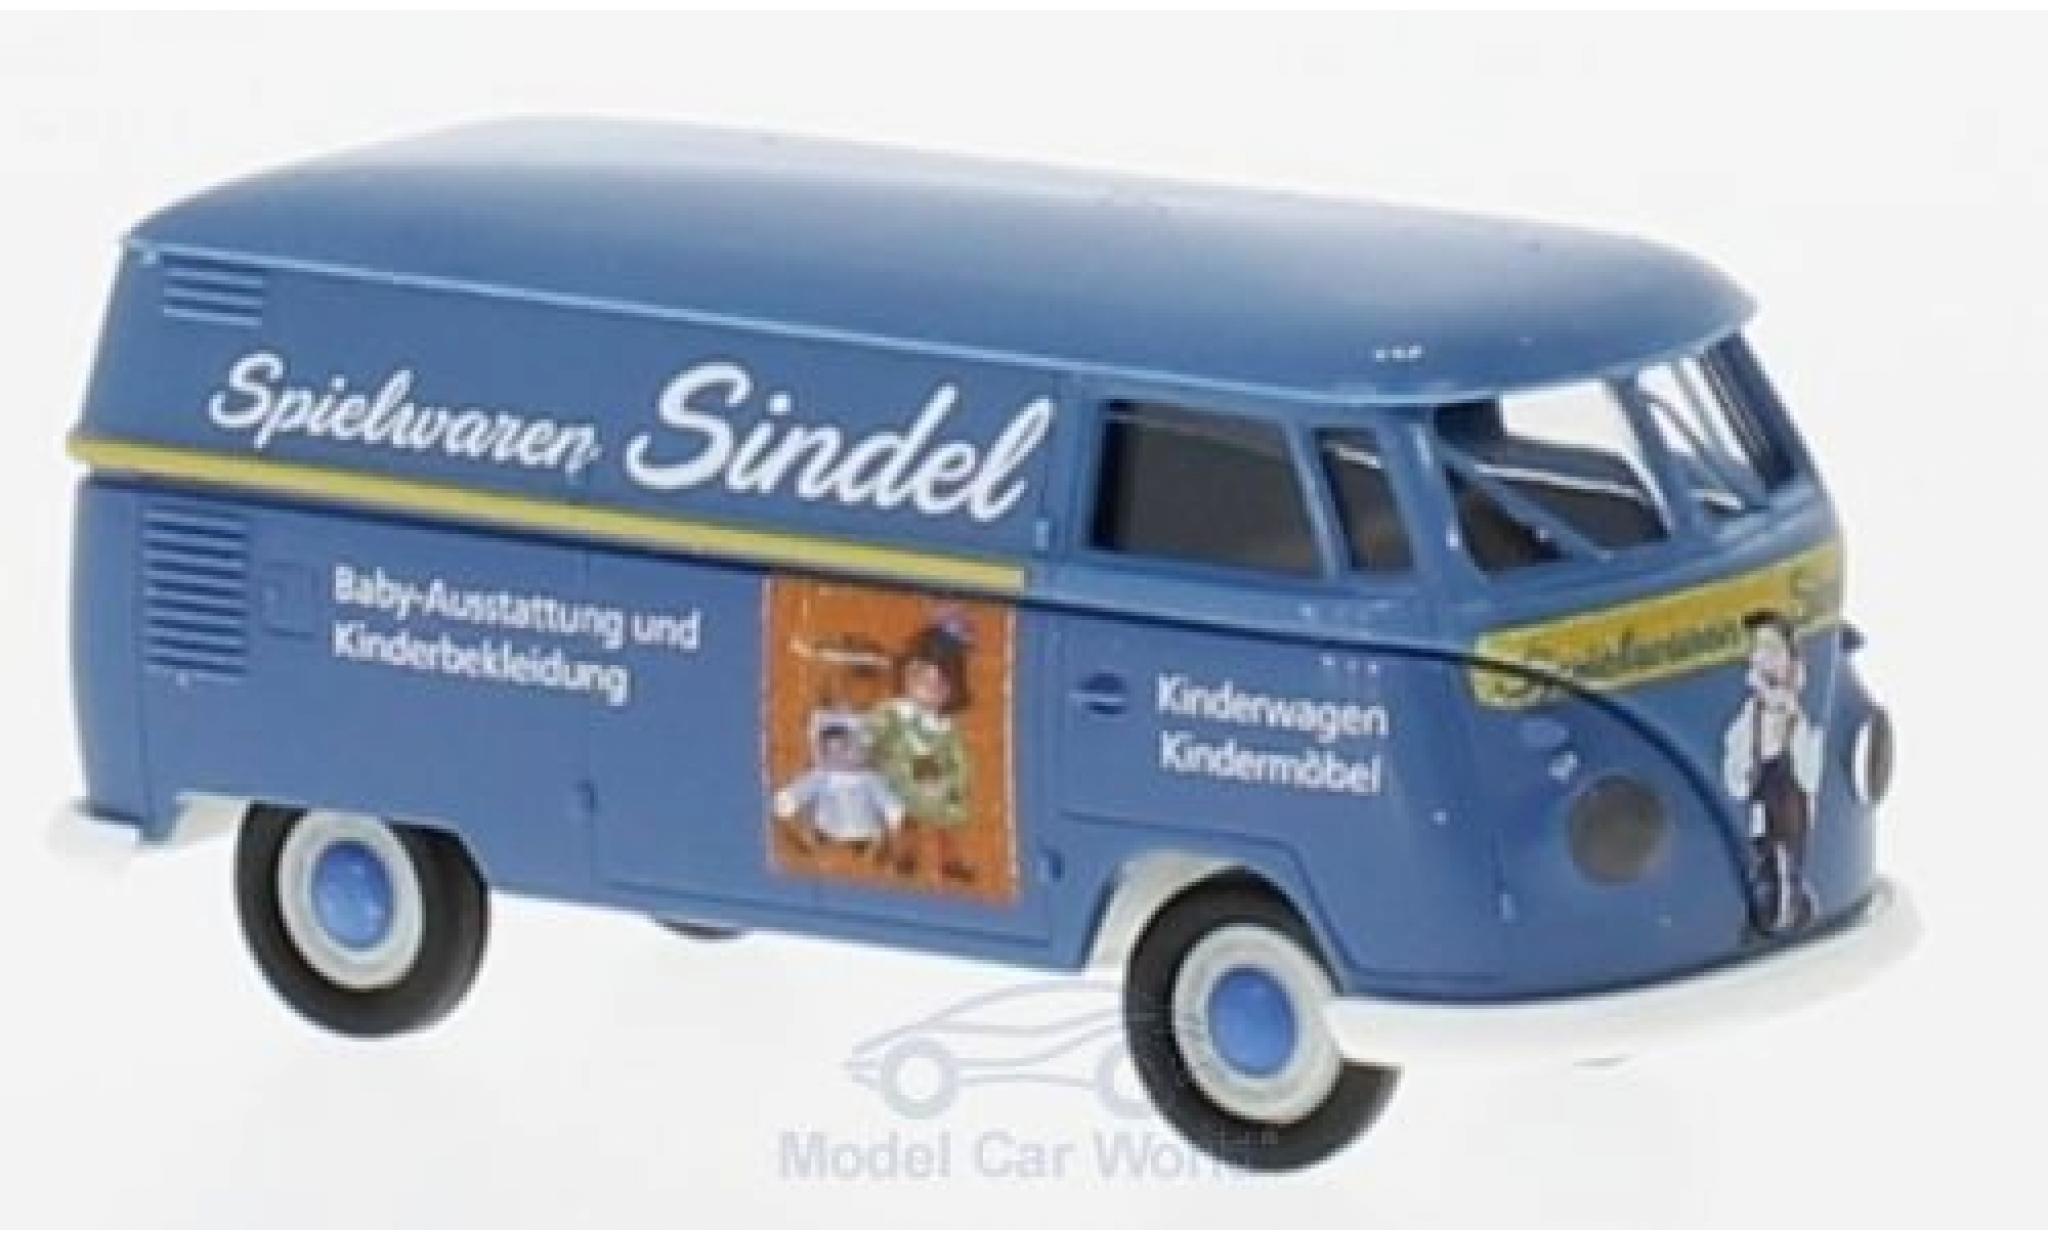 Volkswagen T1 B 1/87 Brekina b Kasten Spielwaren Sindel